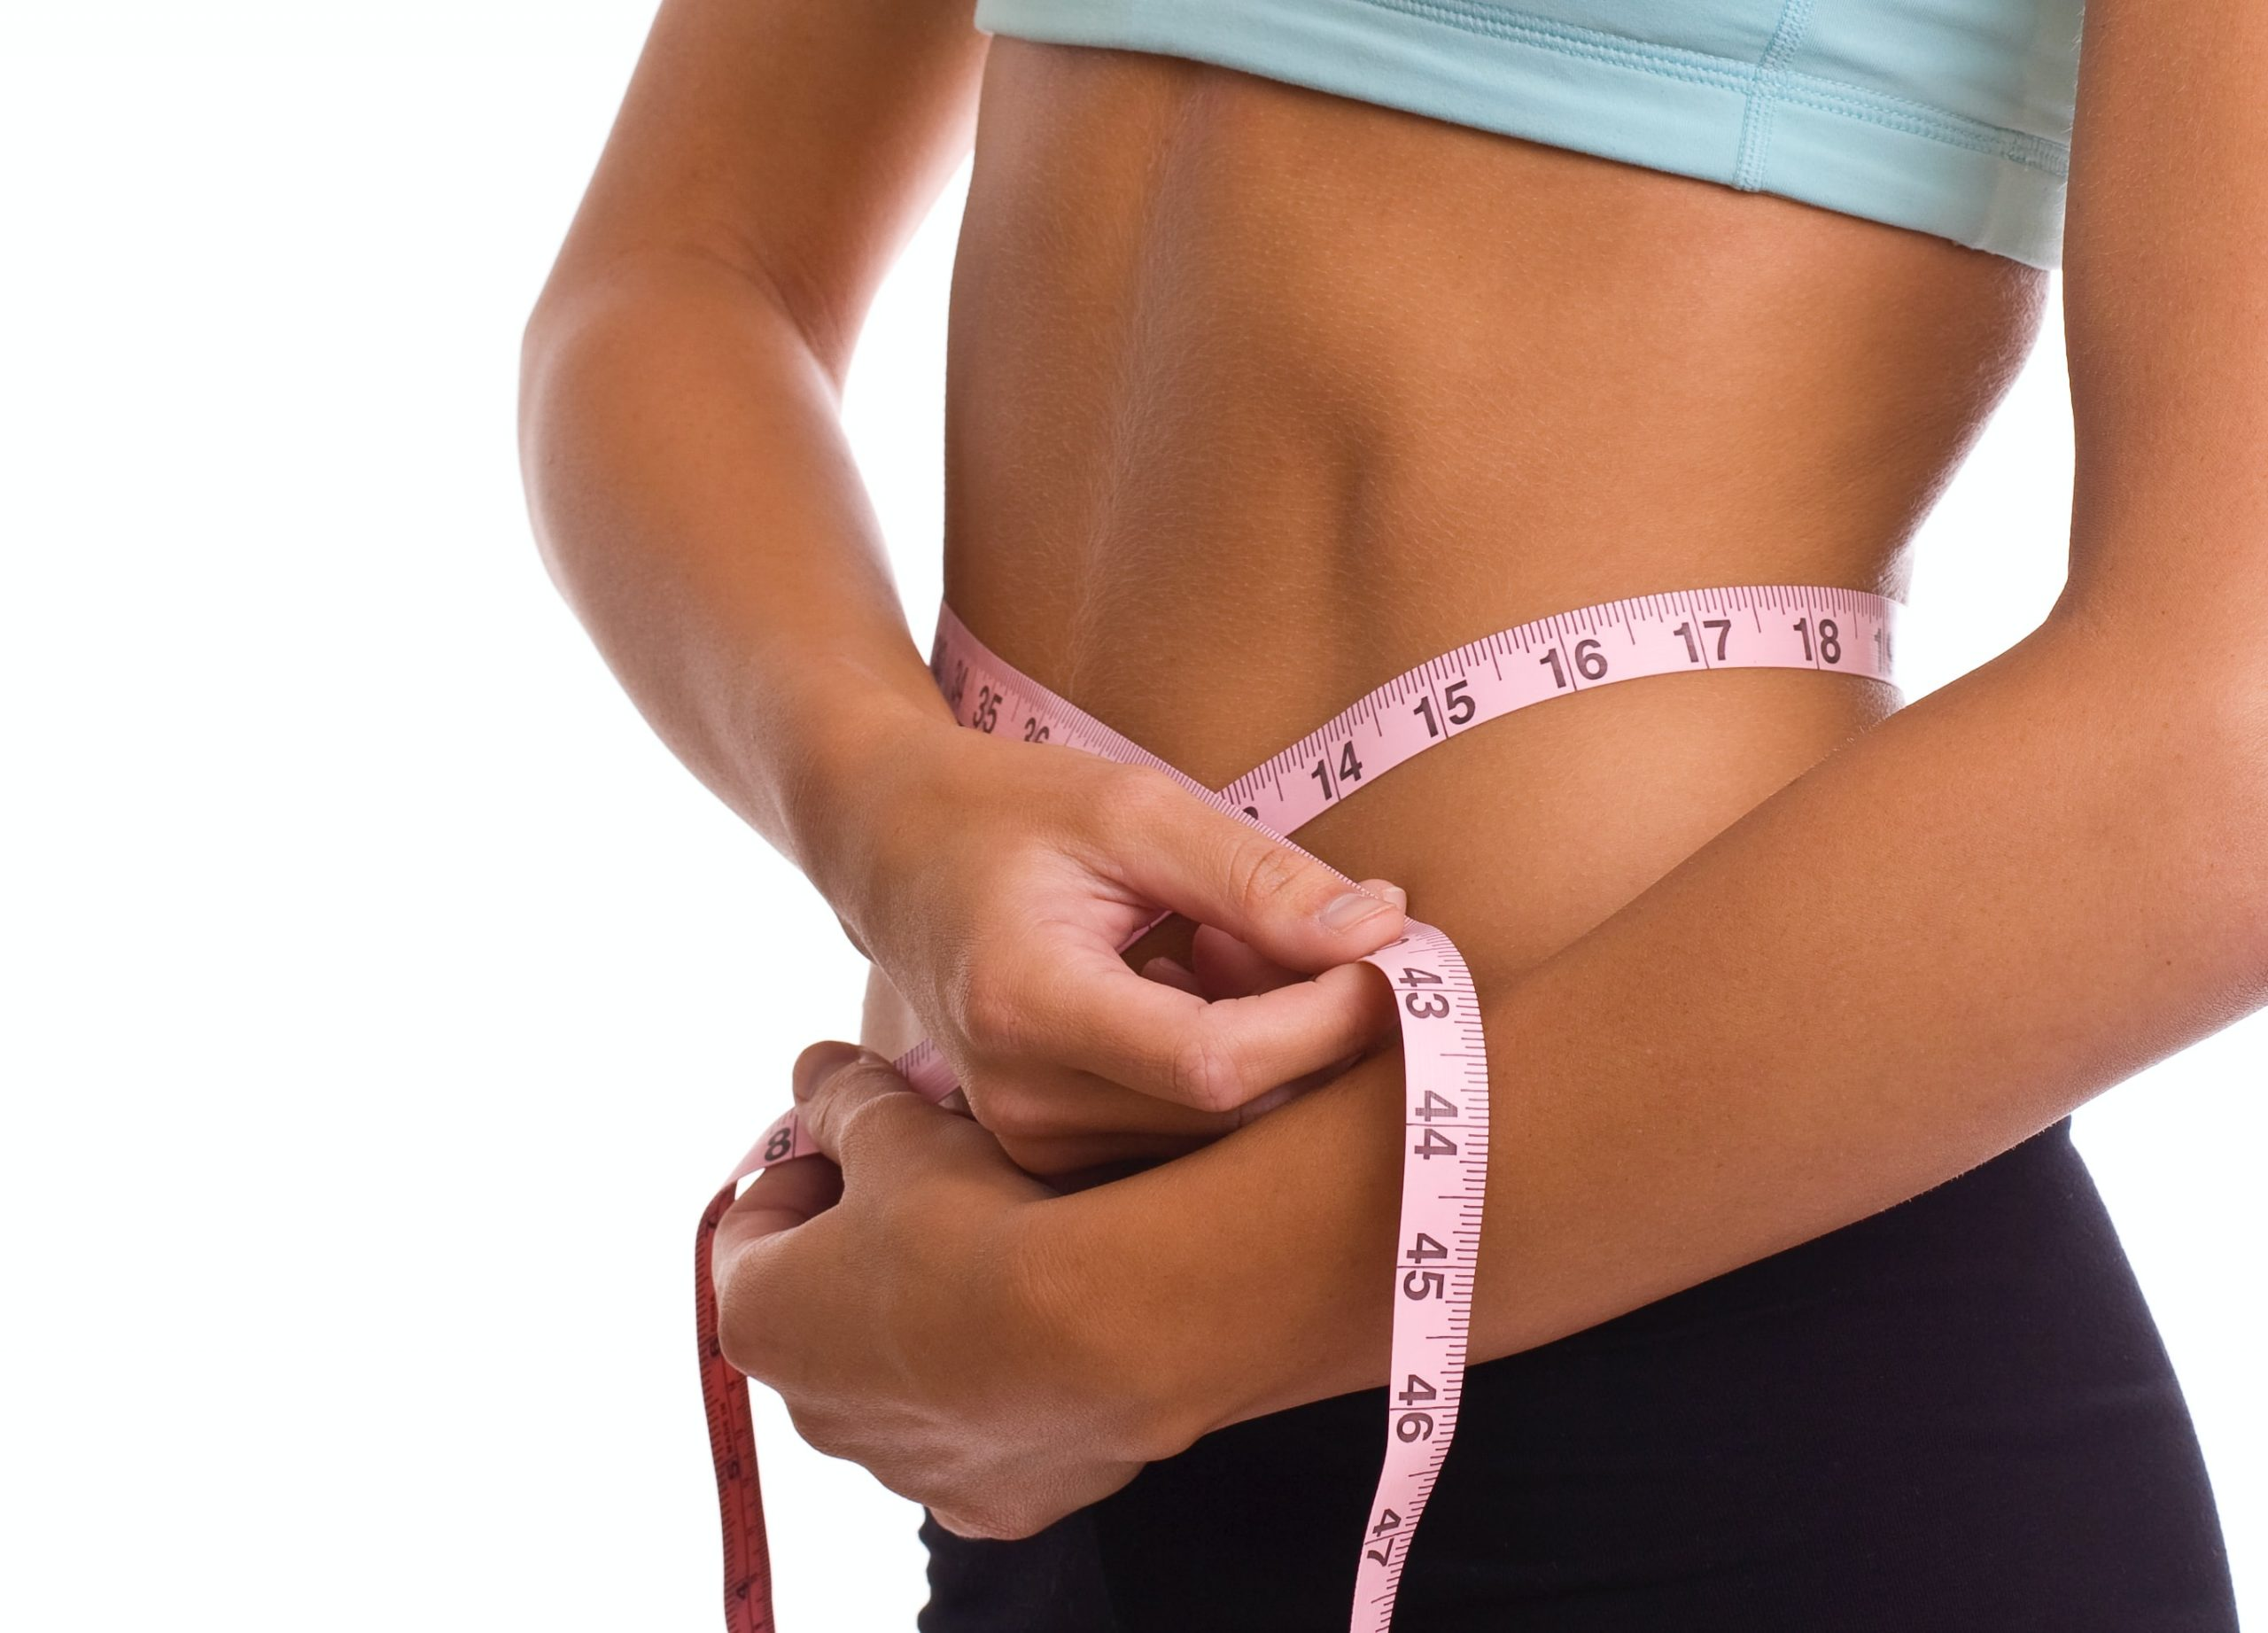 ¿El colágeno me ayuda a bajar de peso?